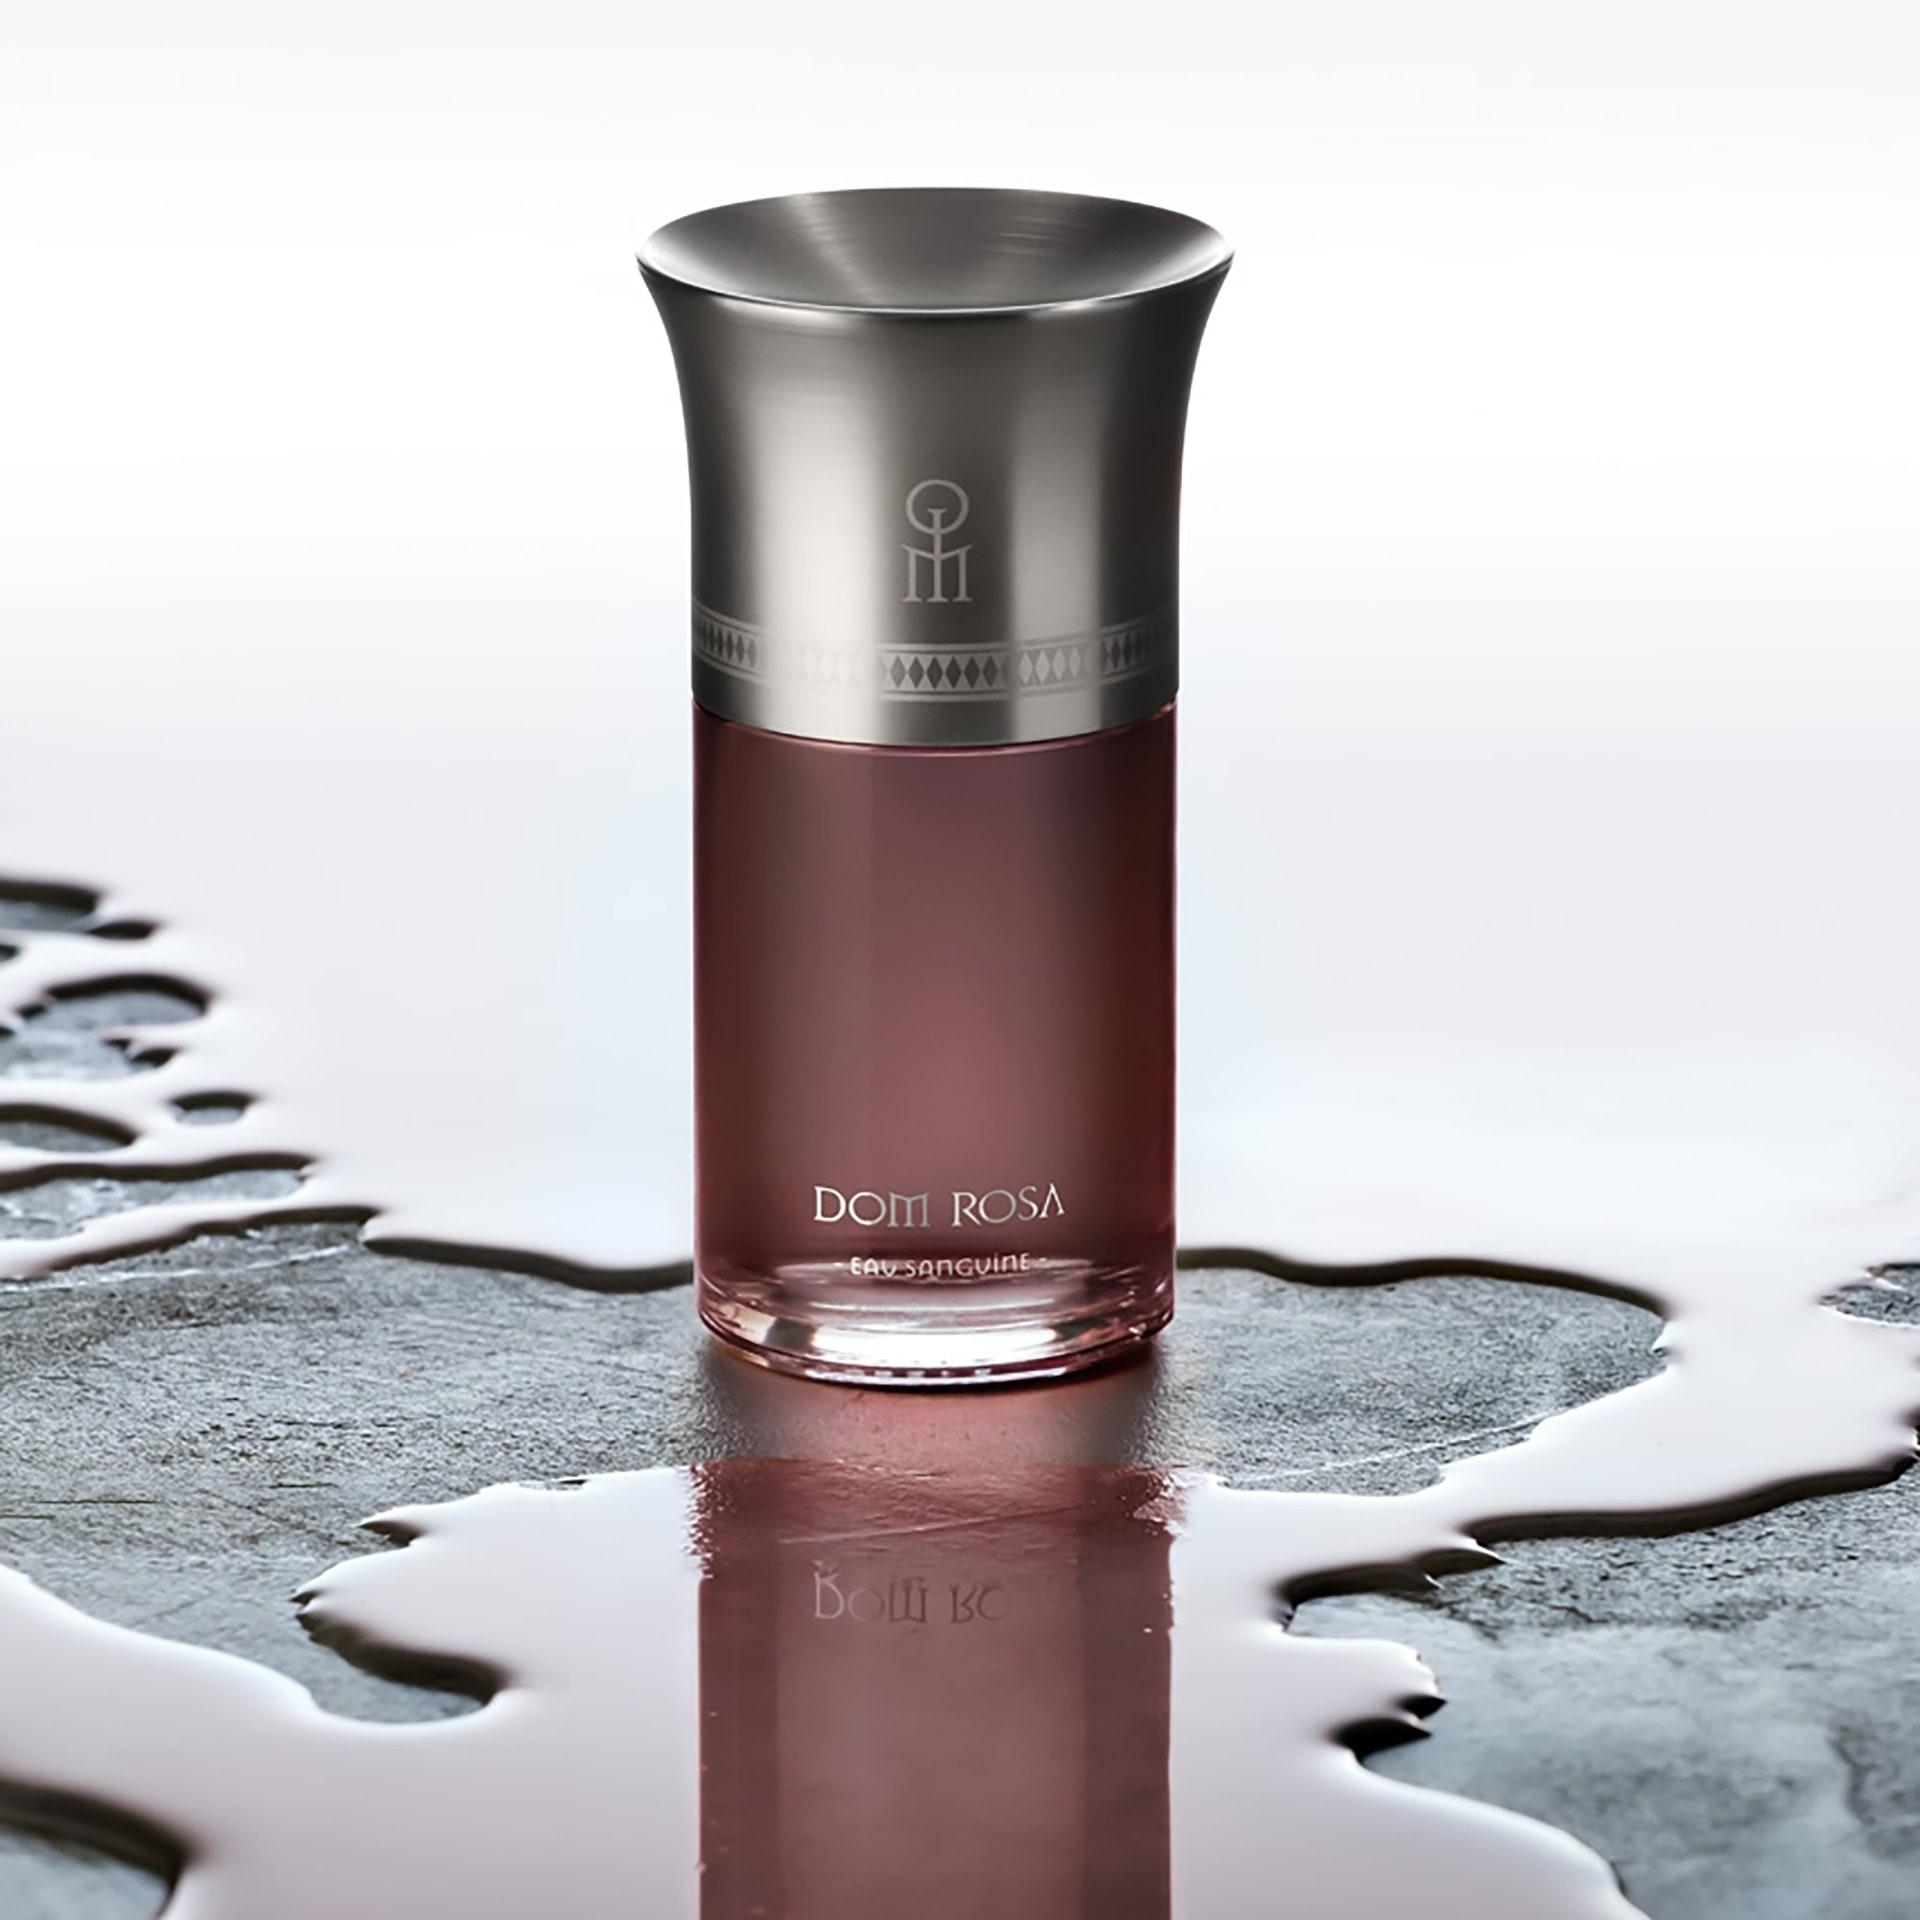 les-liquides-imaginaires-dom-rosa-4